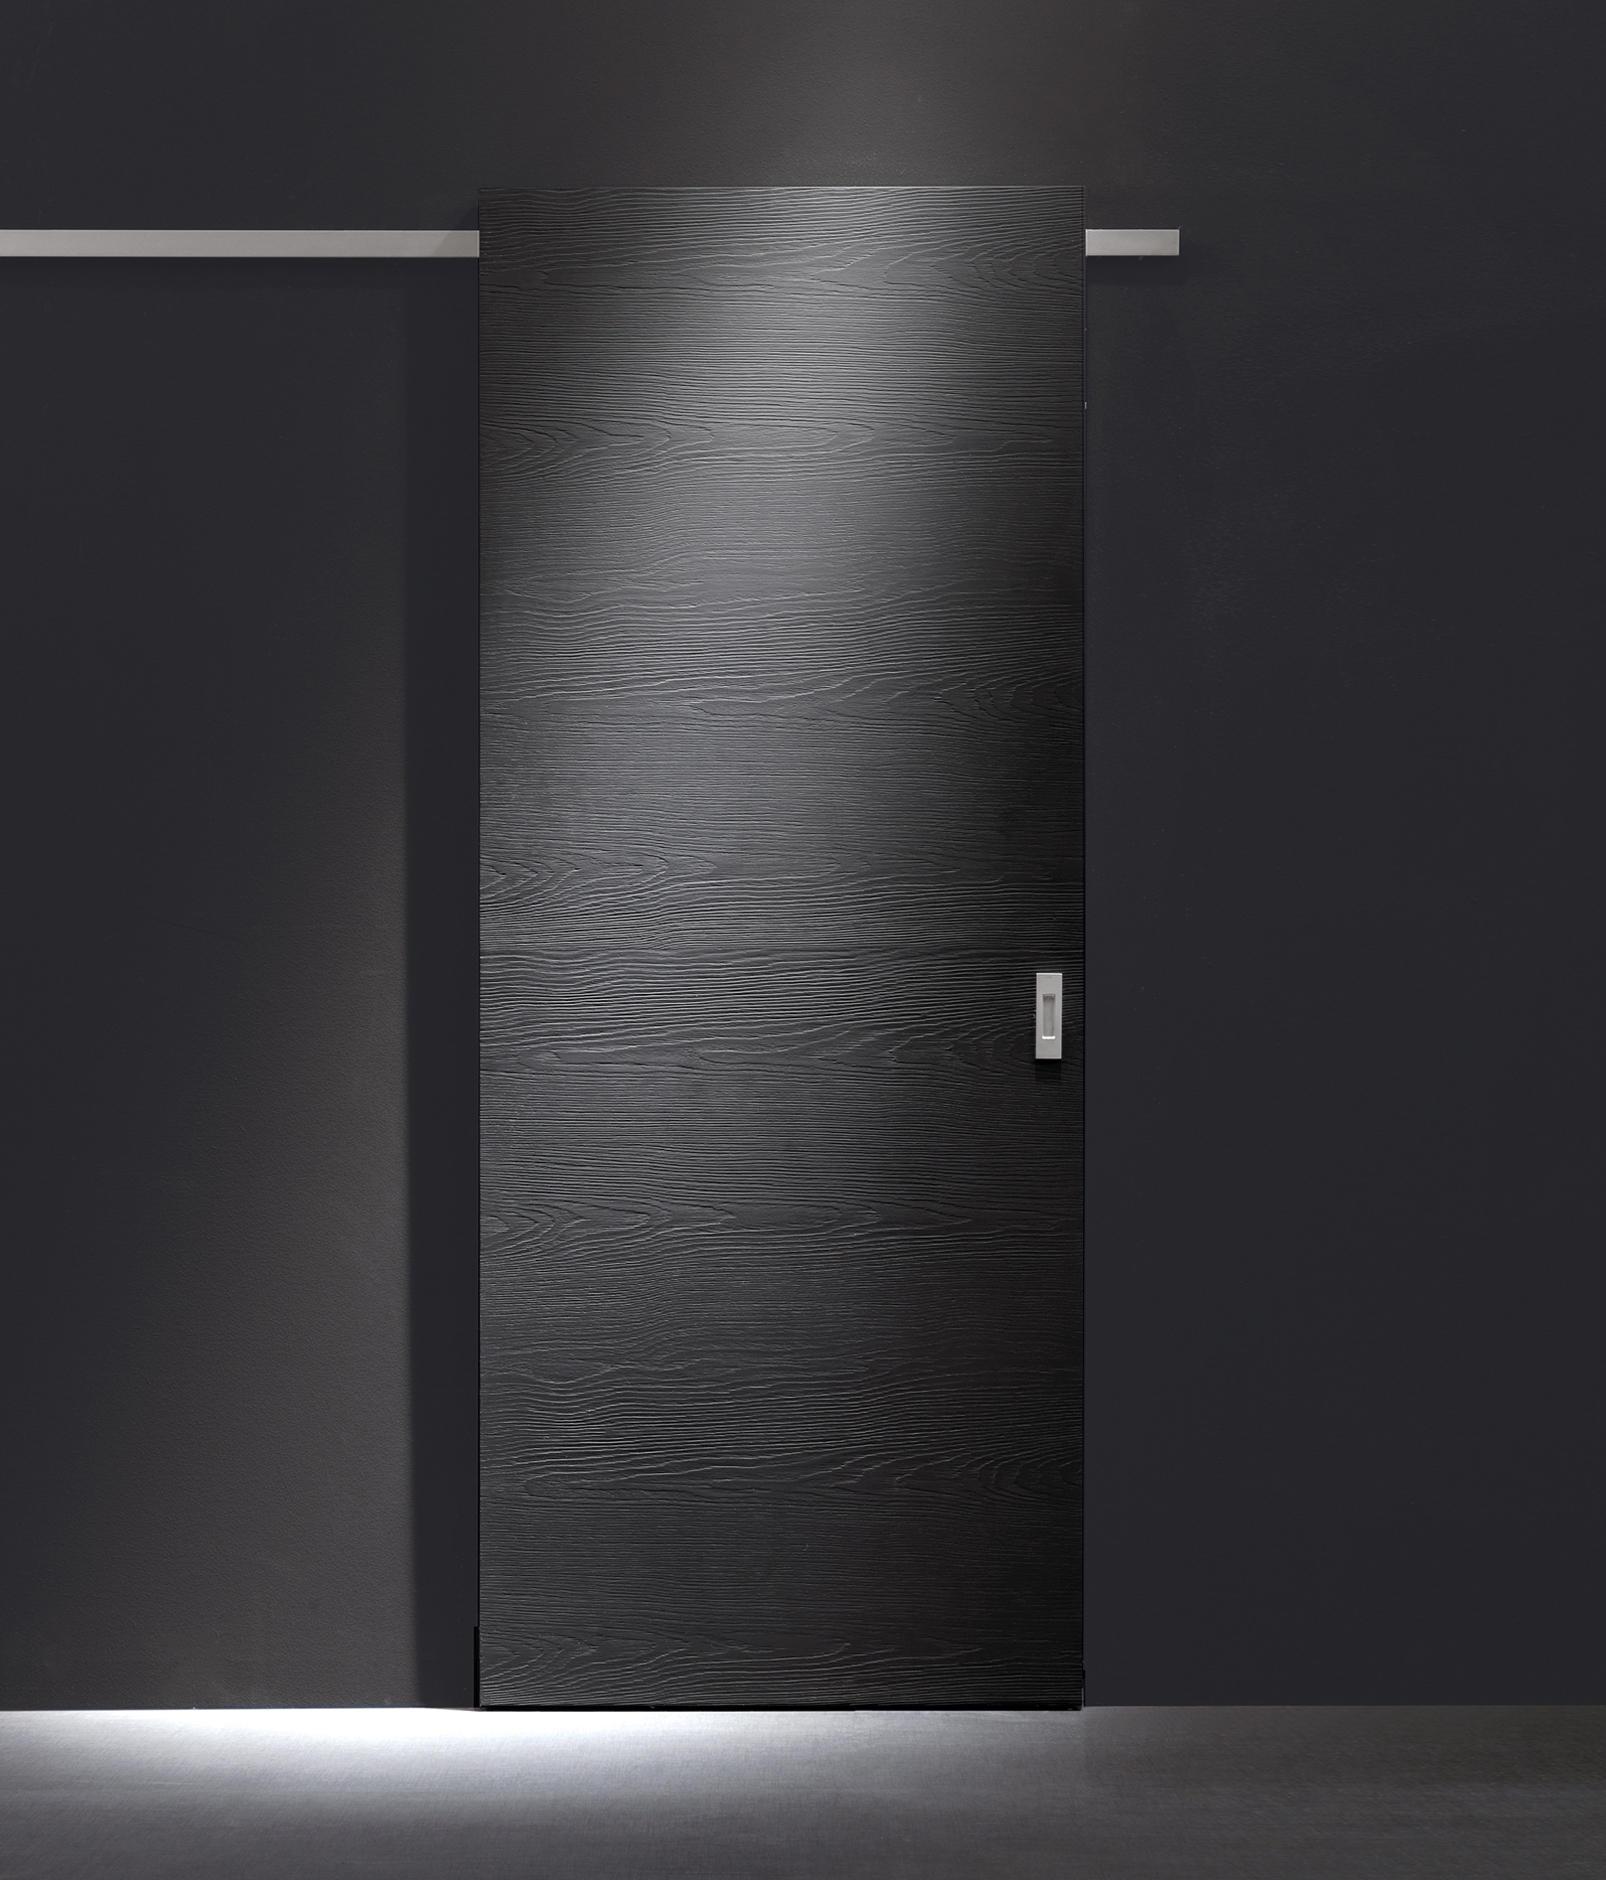 EASY SCULTURA - Porte per interni TRE-P & TRE-Più | Architonic